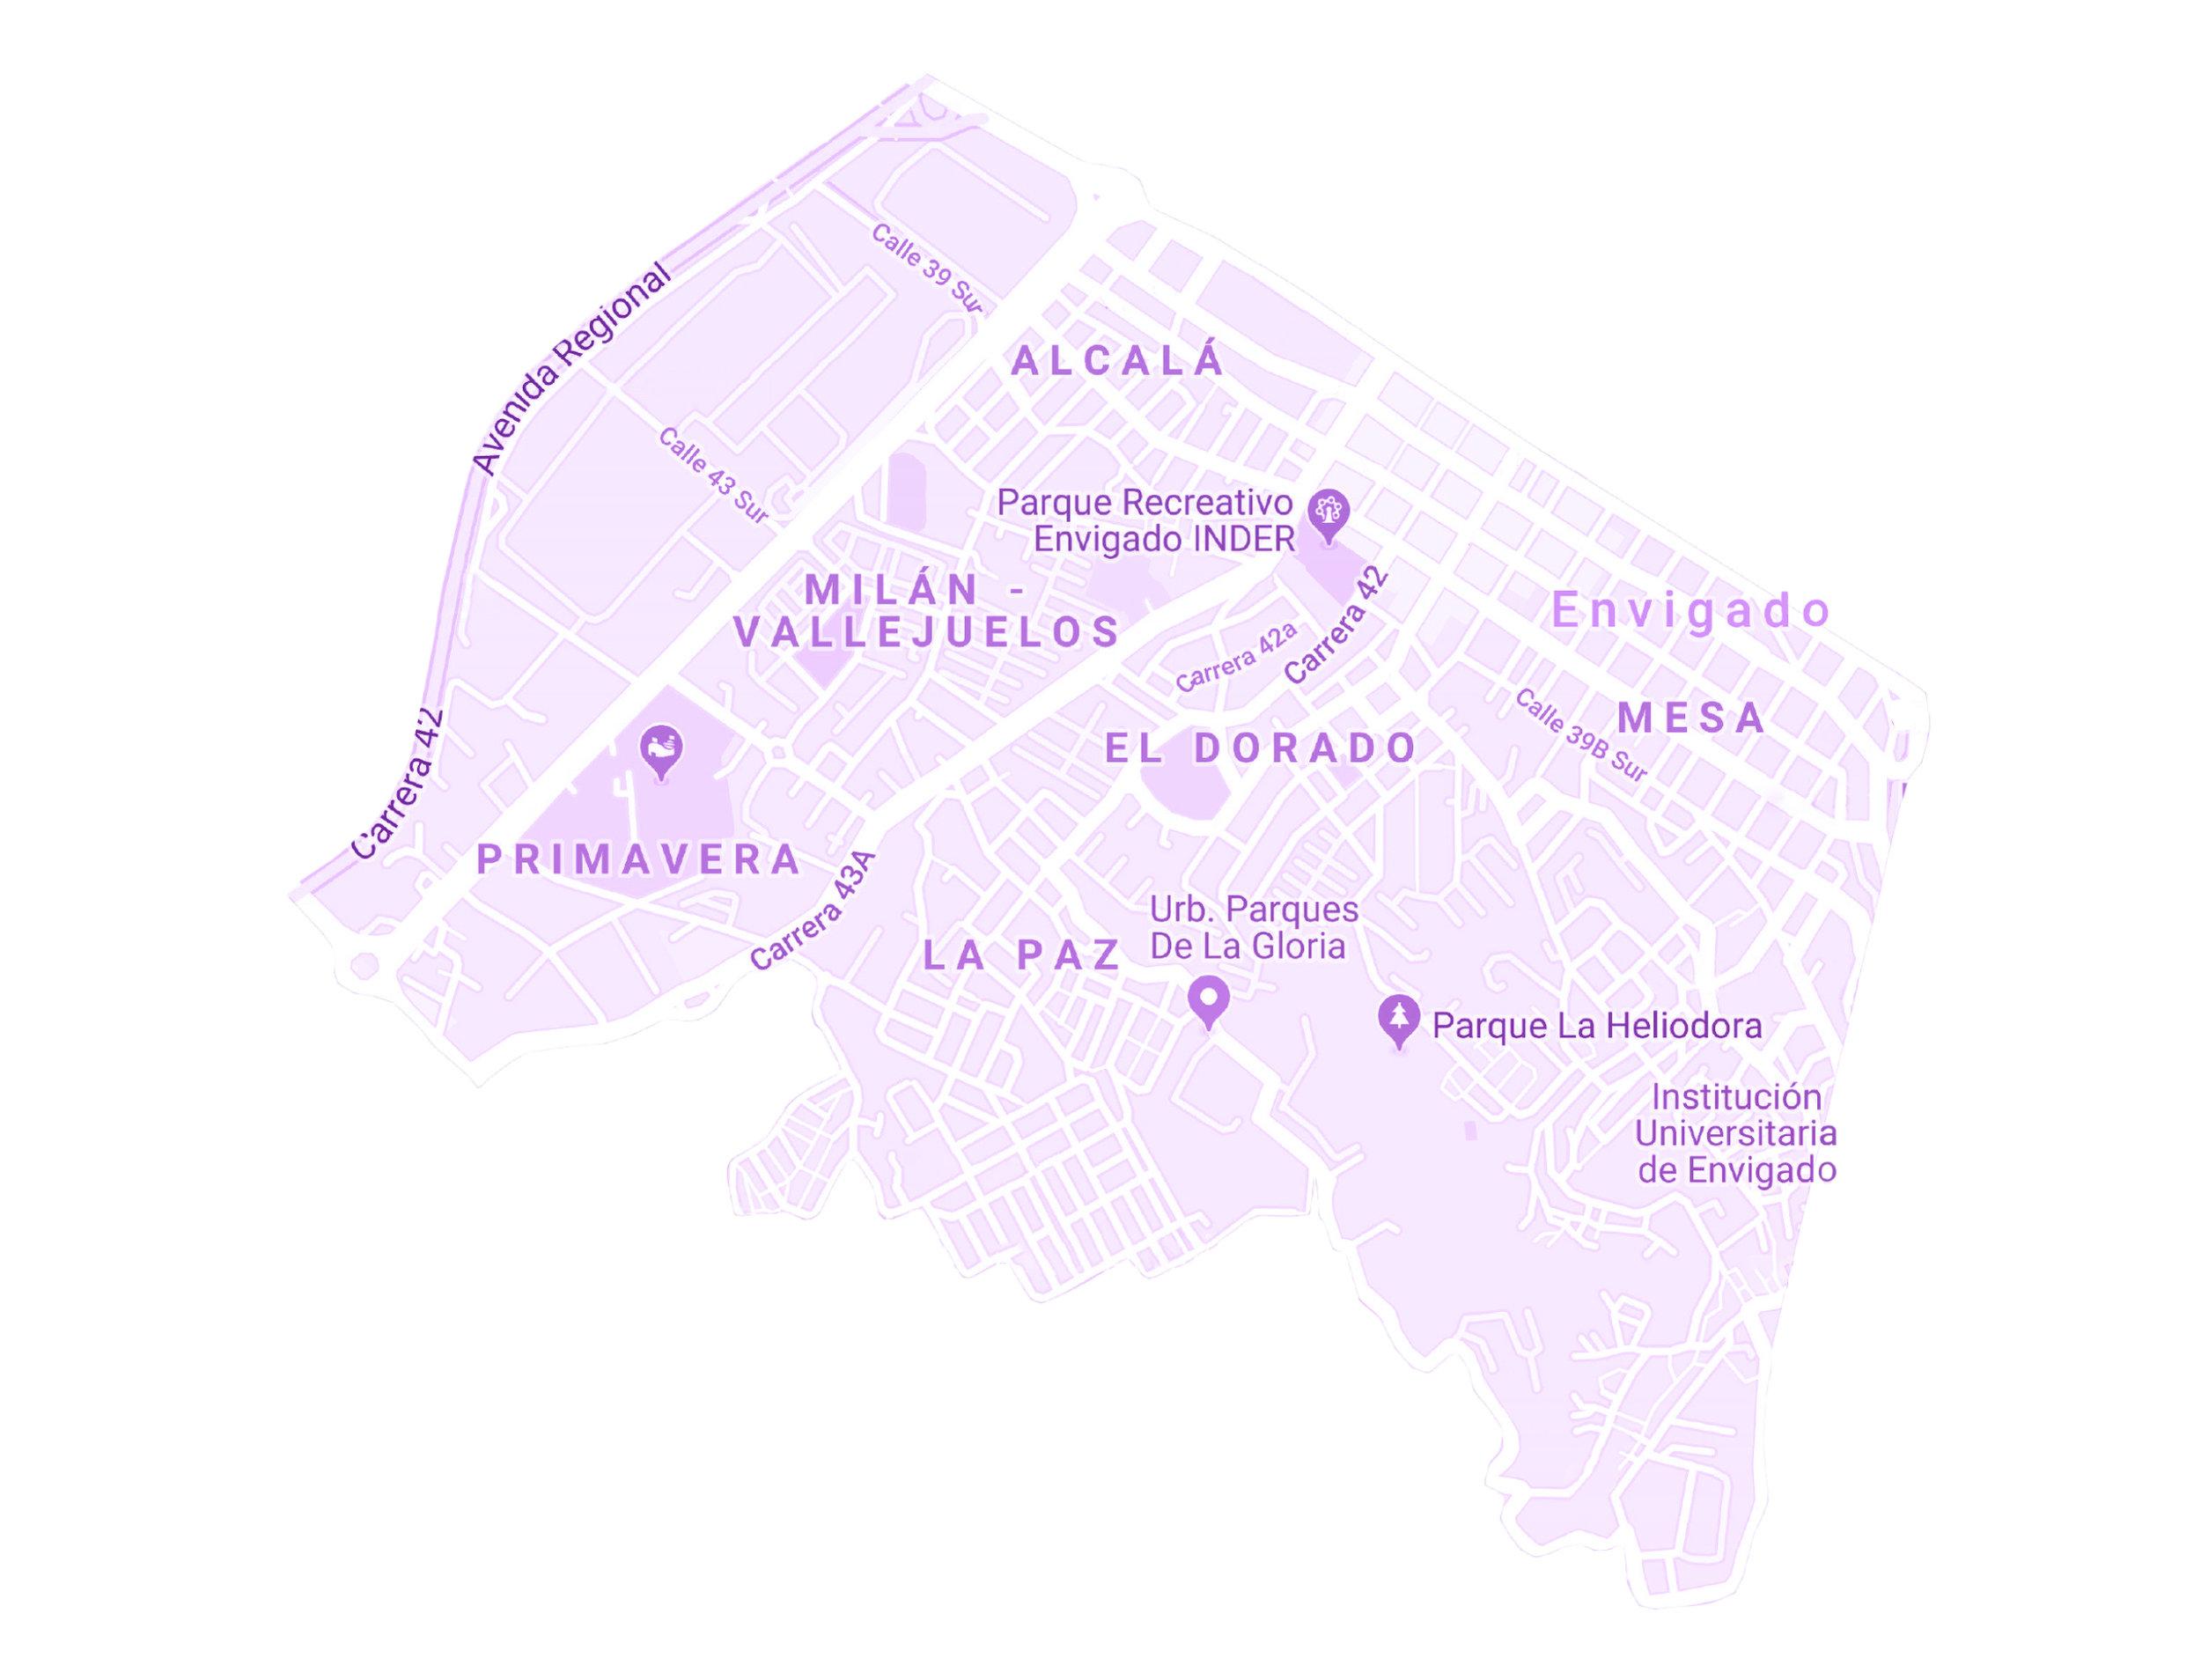 ZONA ENVIGADO 1    BARRIOS:  PRIMAVERA, LA PAZ, LAS ANTILLAS, SAN JOSE, MESA, EL DORADO, VALLEJUELOS.